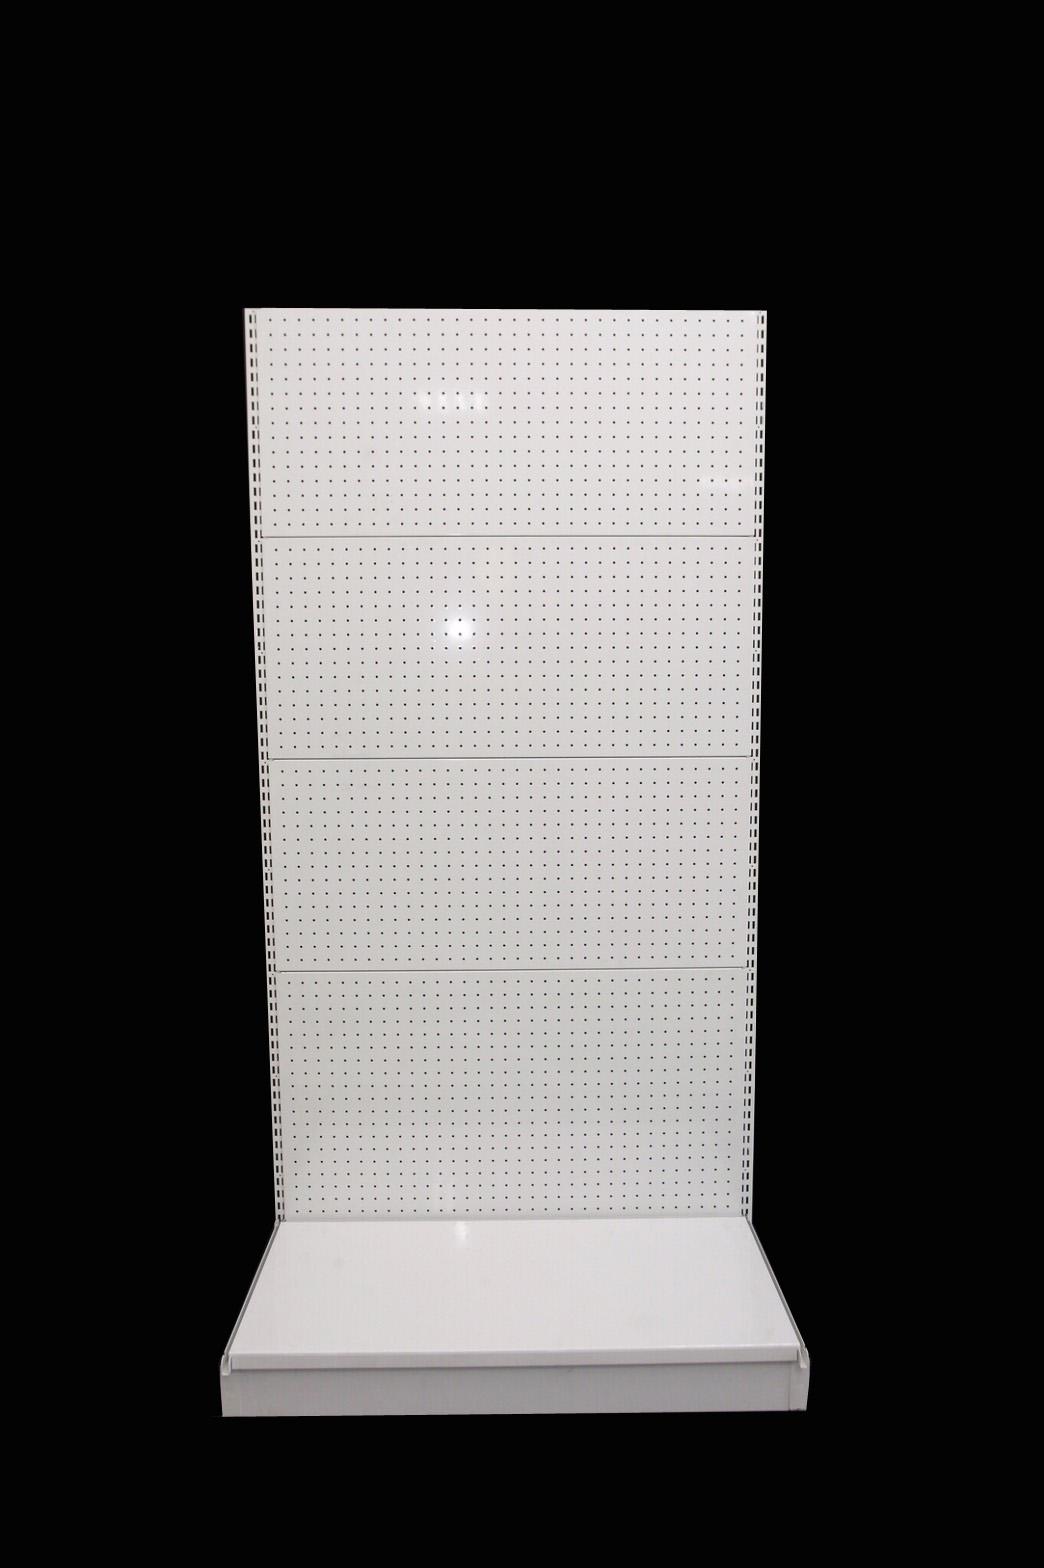 2洞背板展示架.jpg